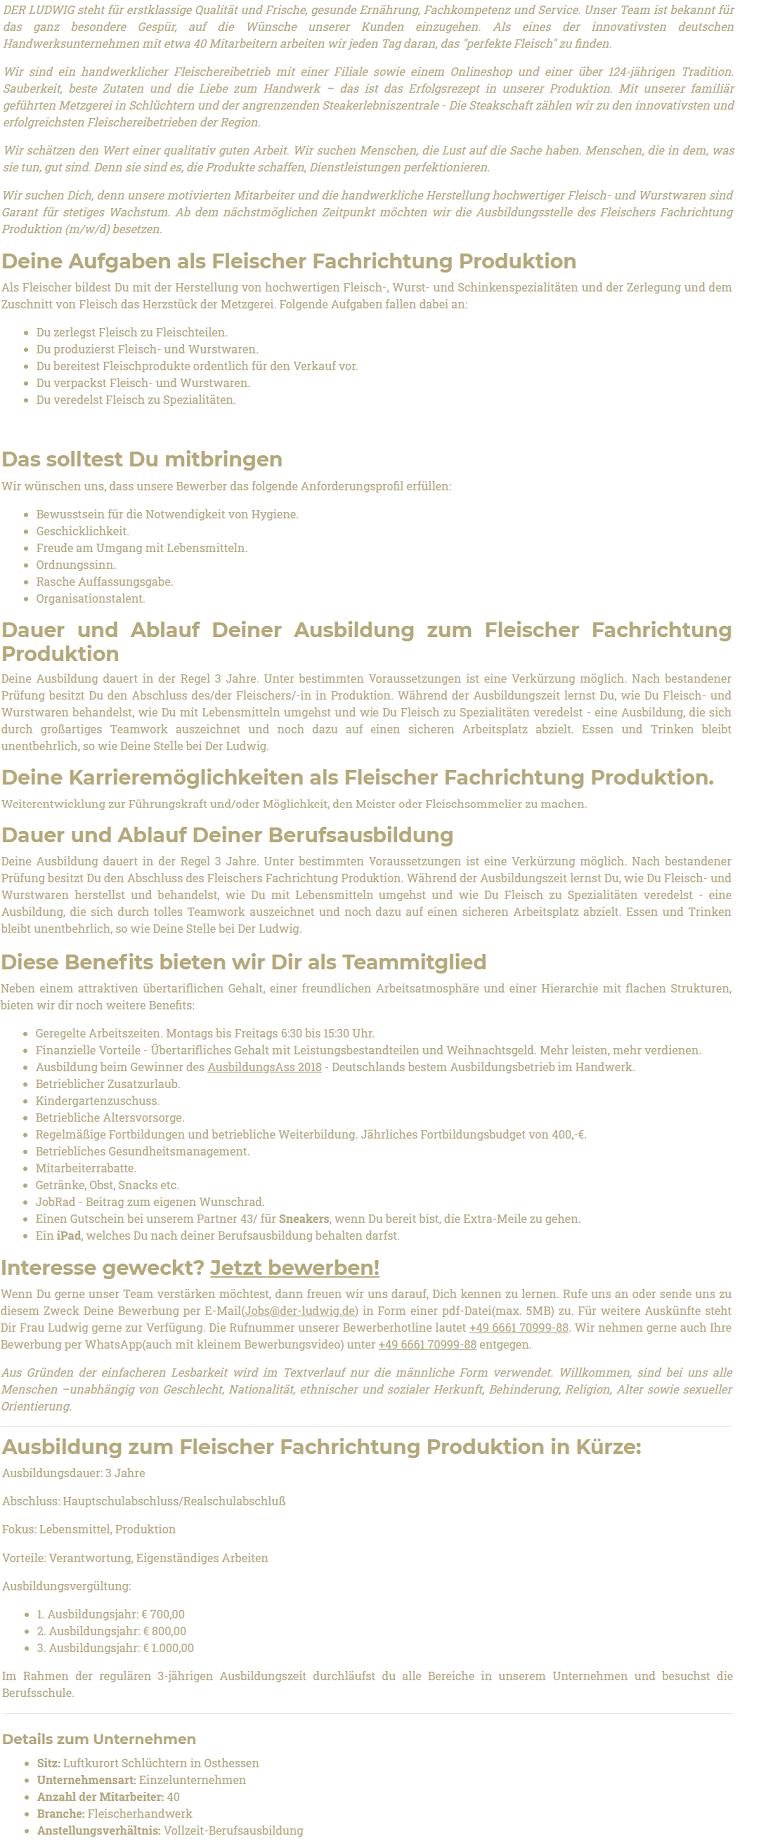 Azubi_Fleischer_Produktion